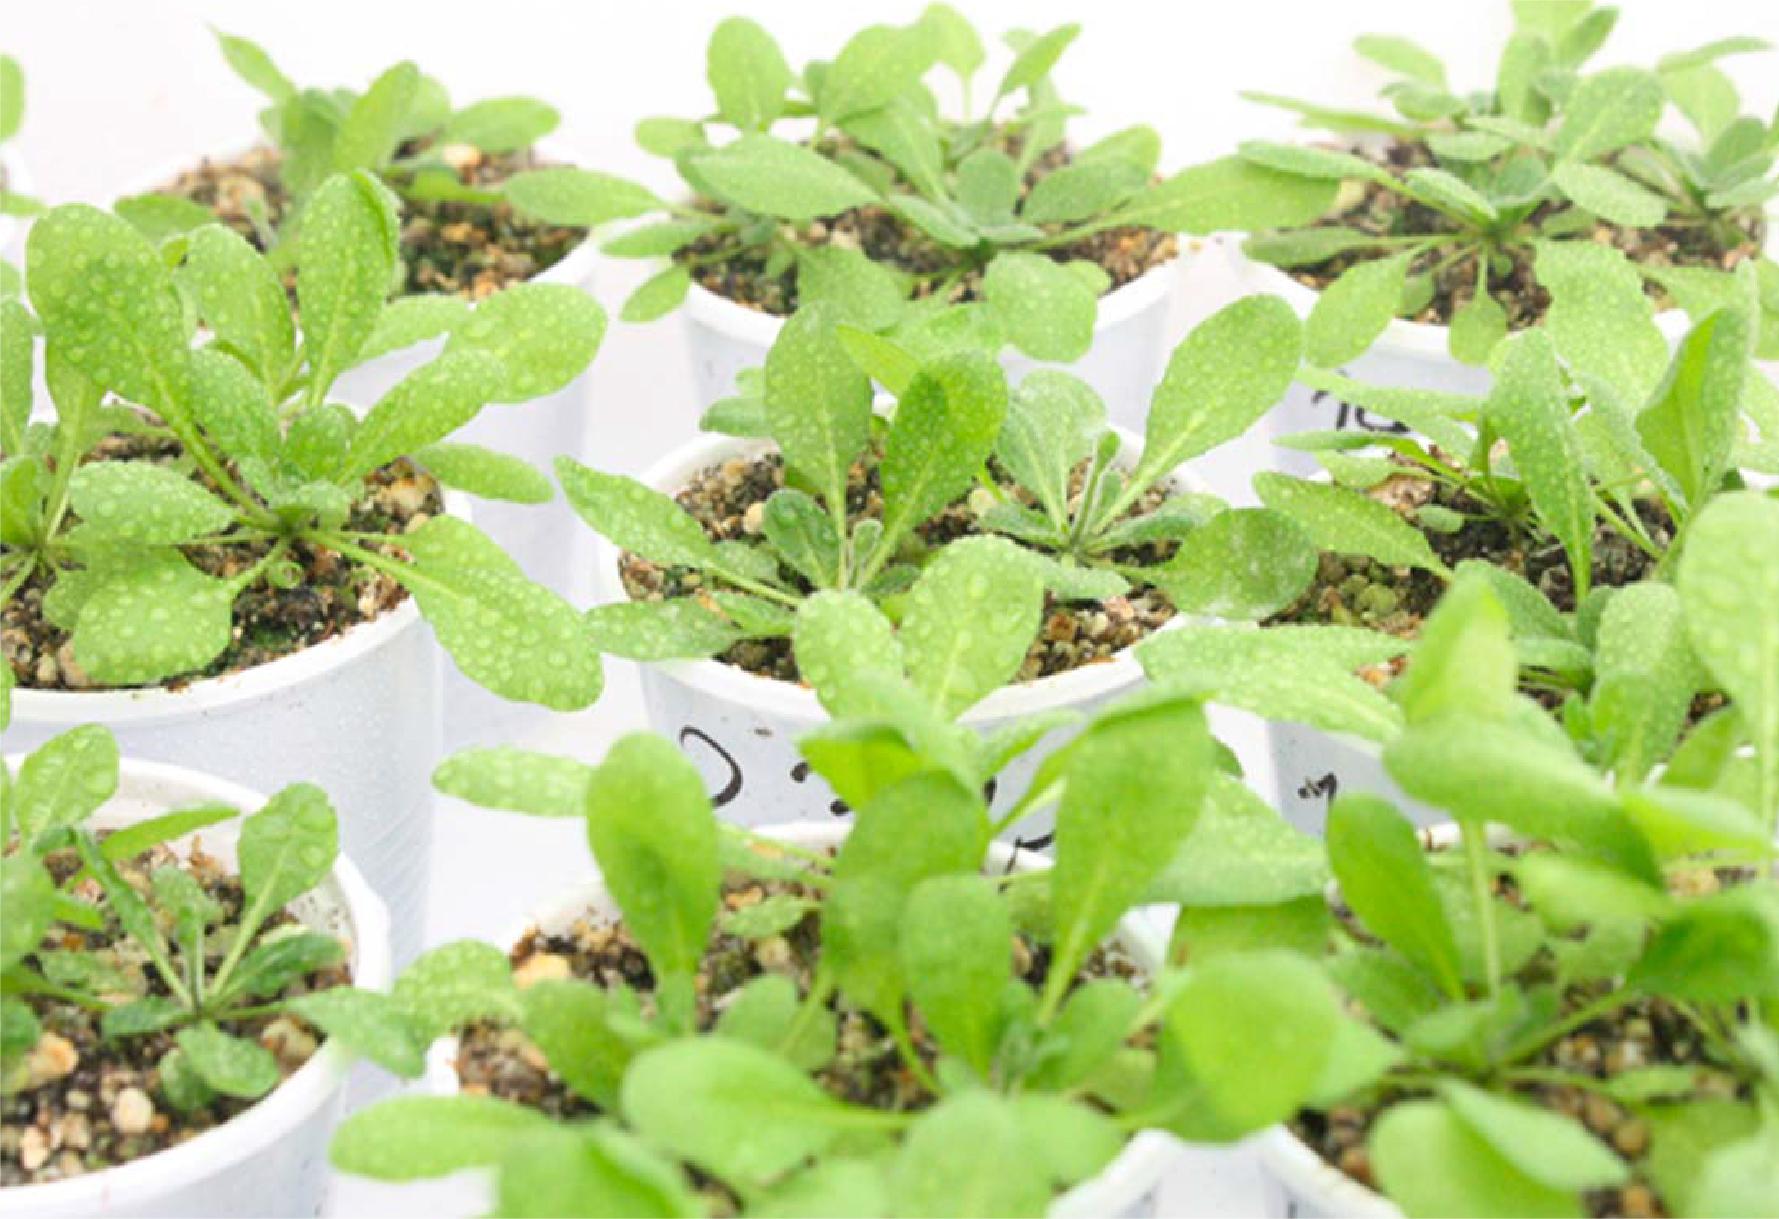 Los investigadores realizaron experimentos con Arabidopsis thaliana, un modelo vegetal que comparte genes con trigo, maíz y otros cultivos de importancia.